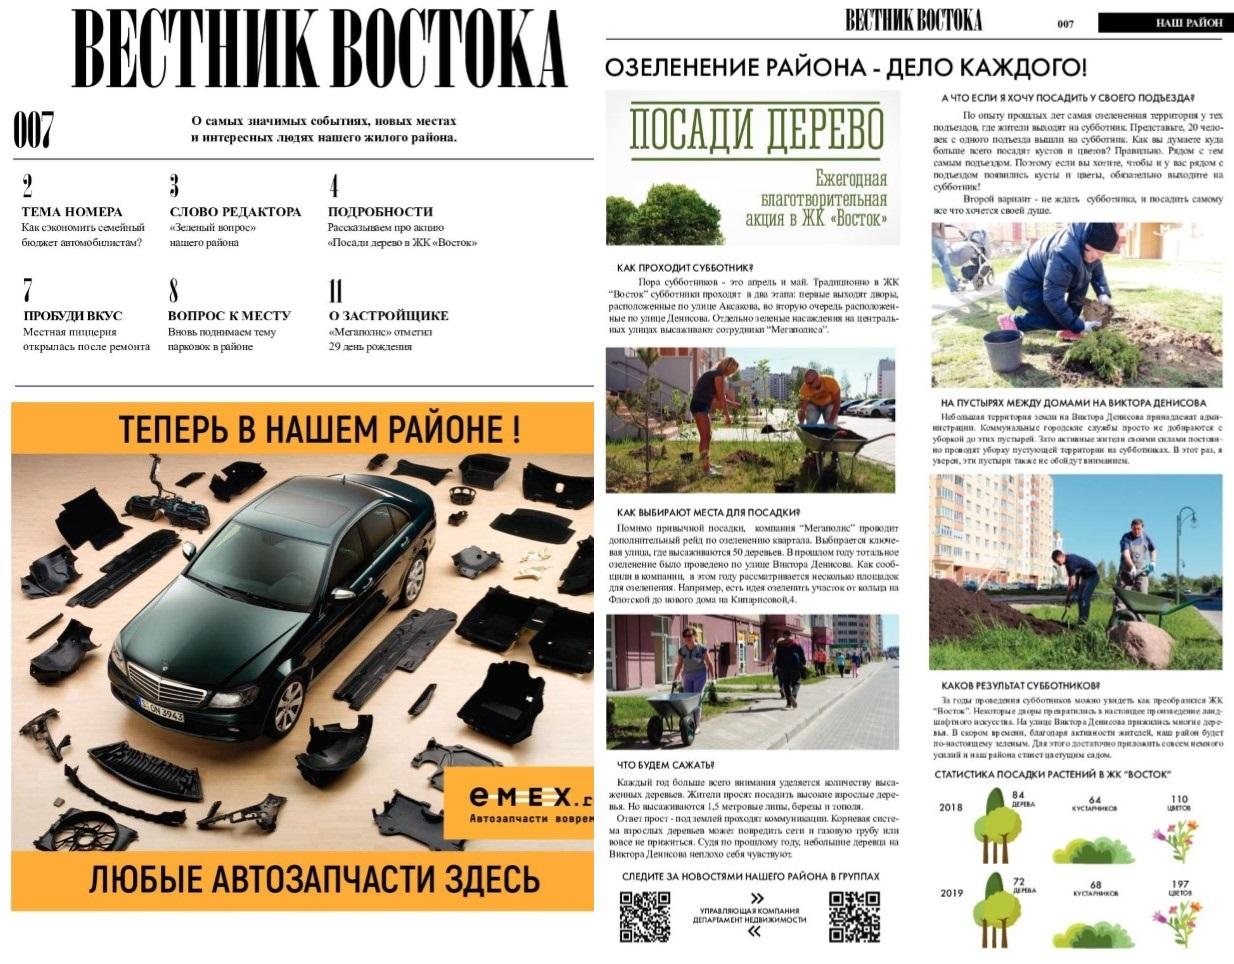 Вестник Востока №7